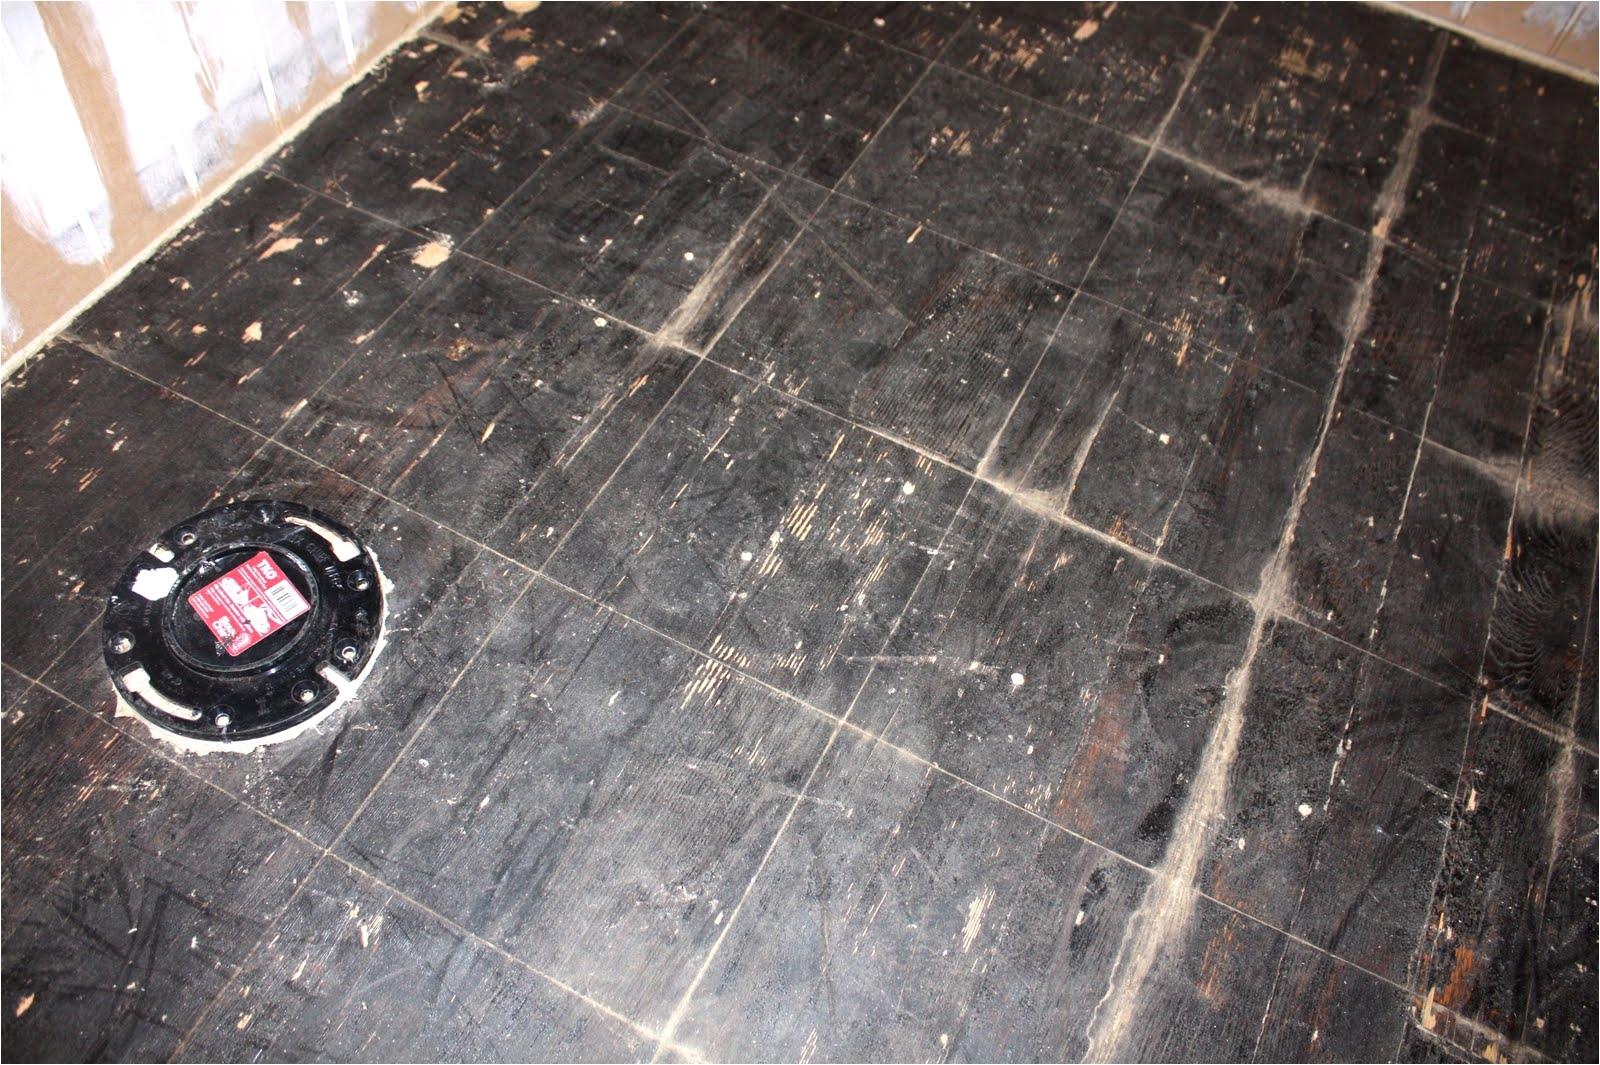 Asphalt Floor Tiles Asbestos This Old Church House Death By Asbestos